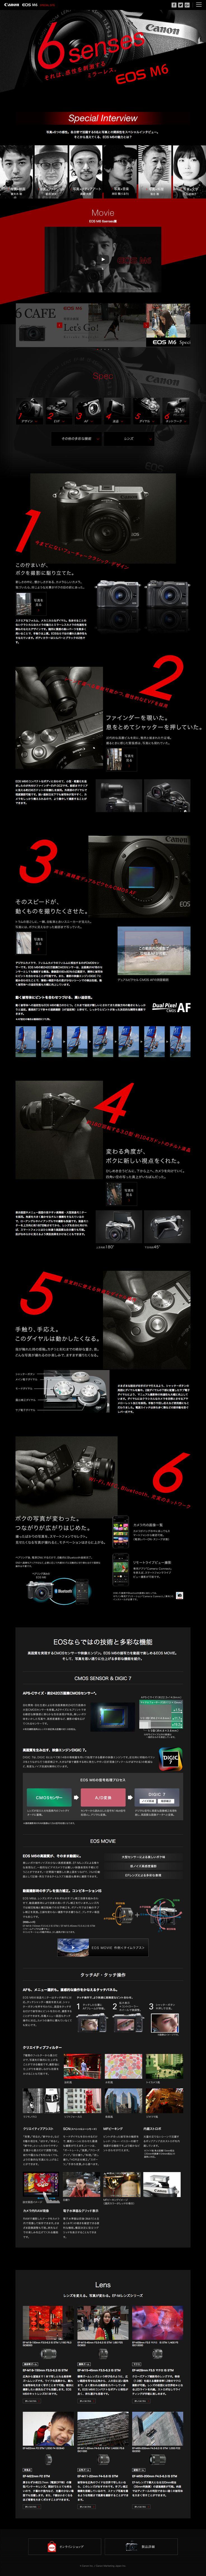 6senses それは、感性を刺激するミラーレス。 キヤノン EOS M6.png